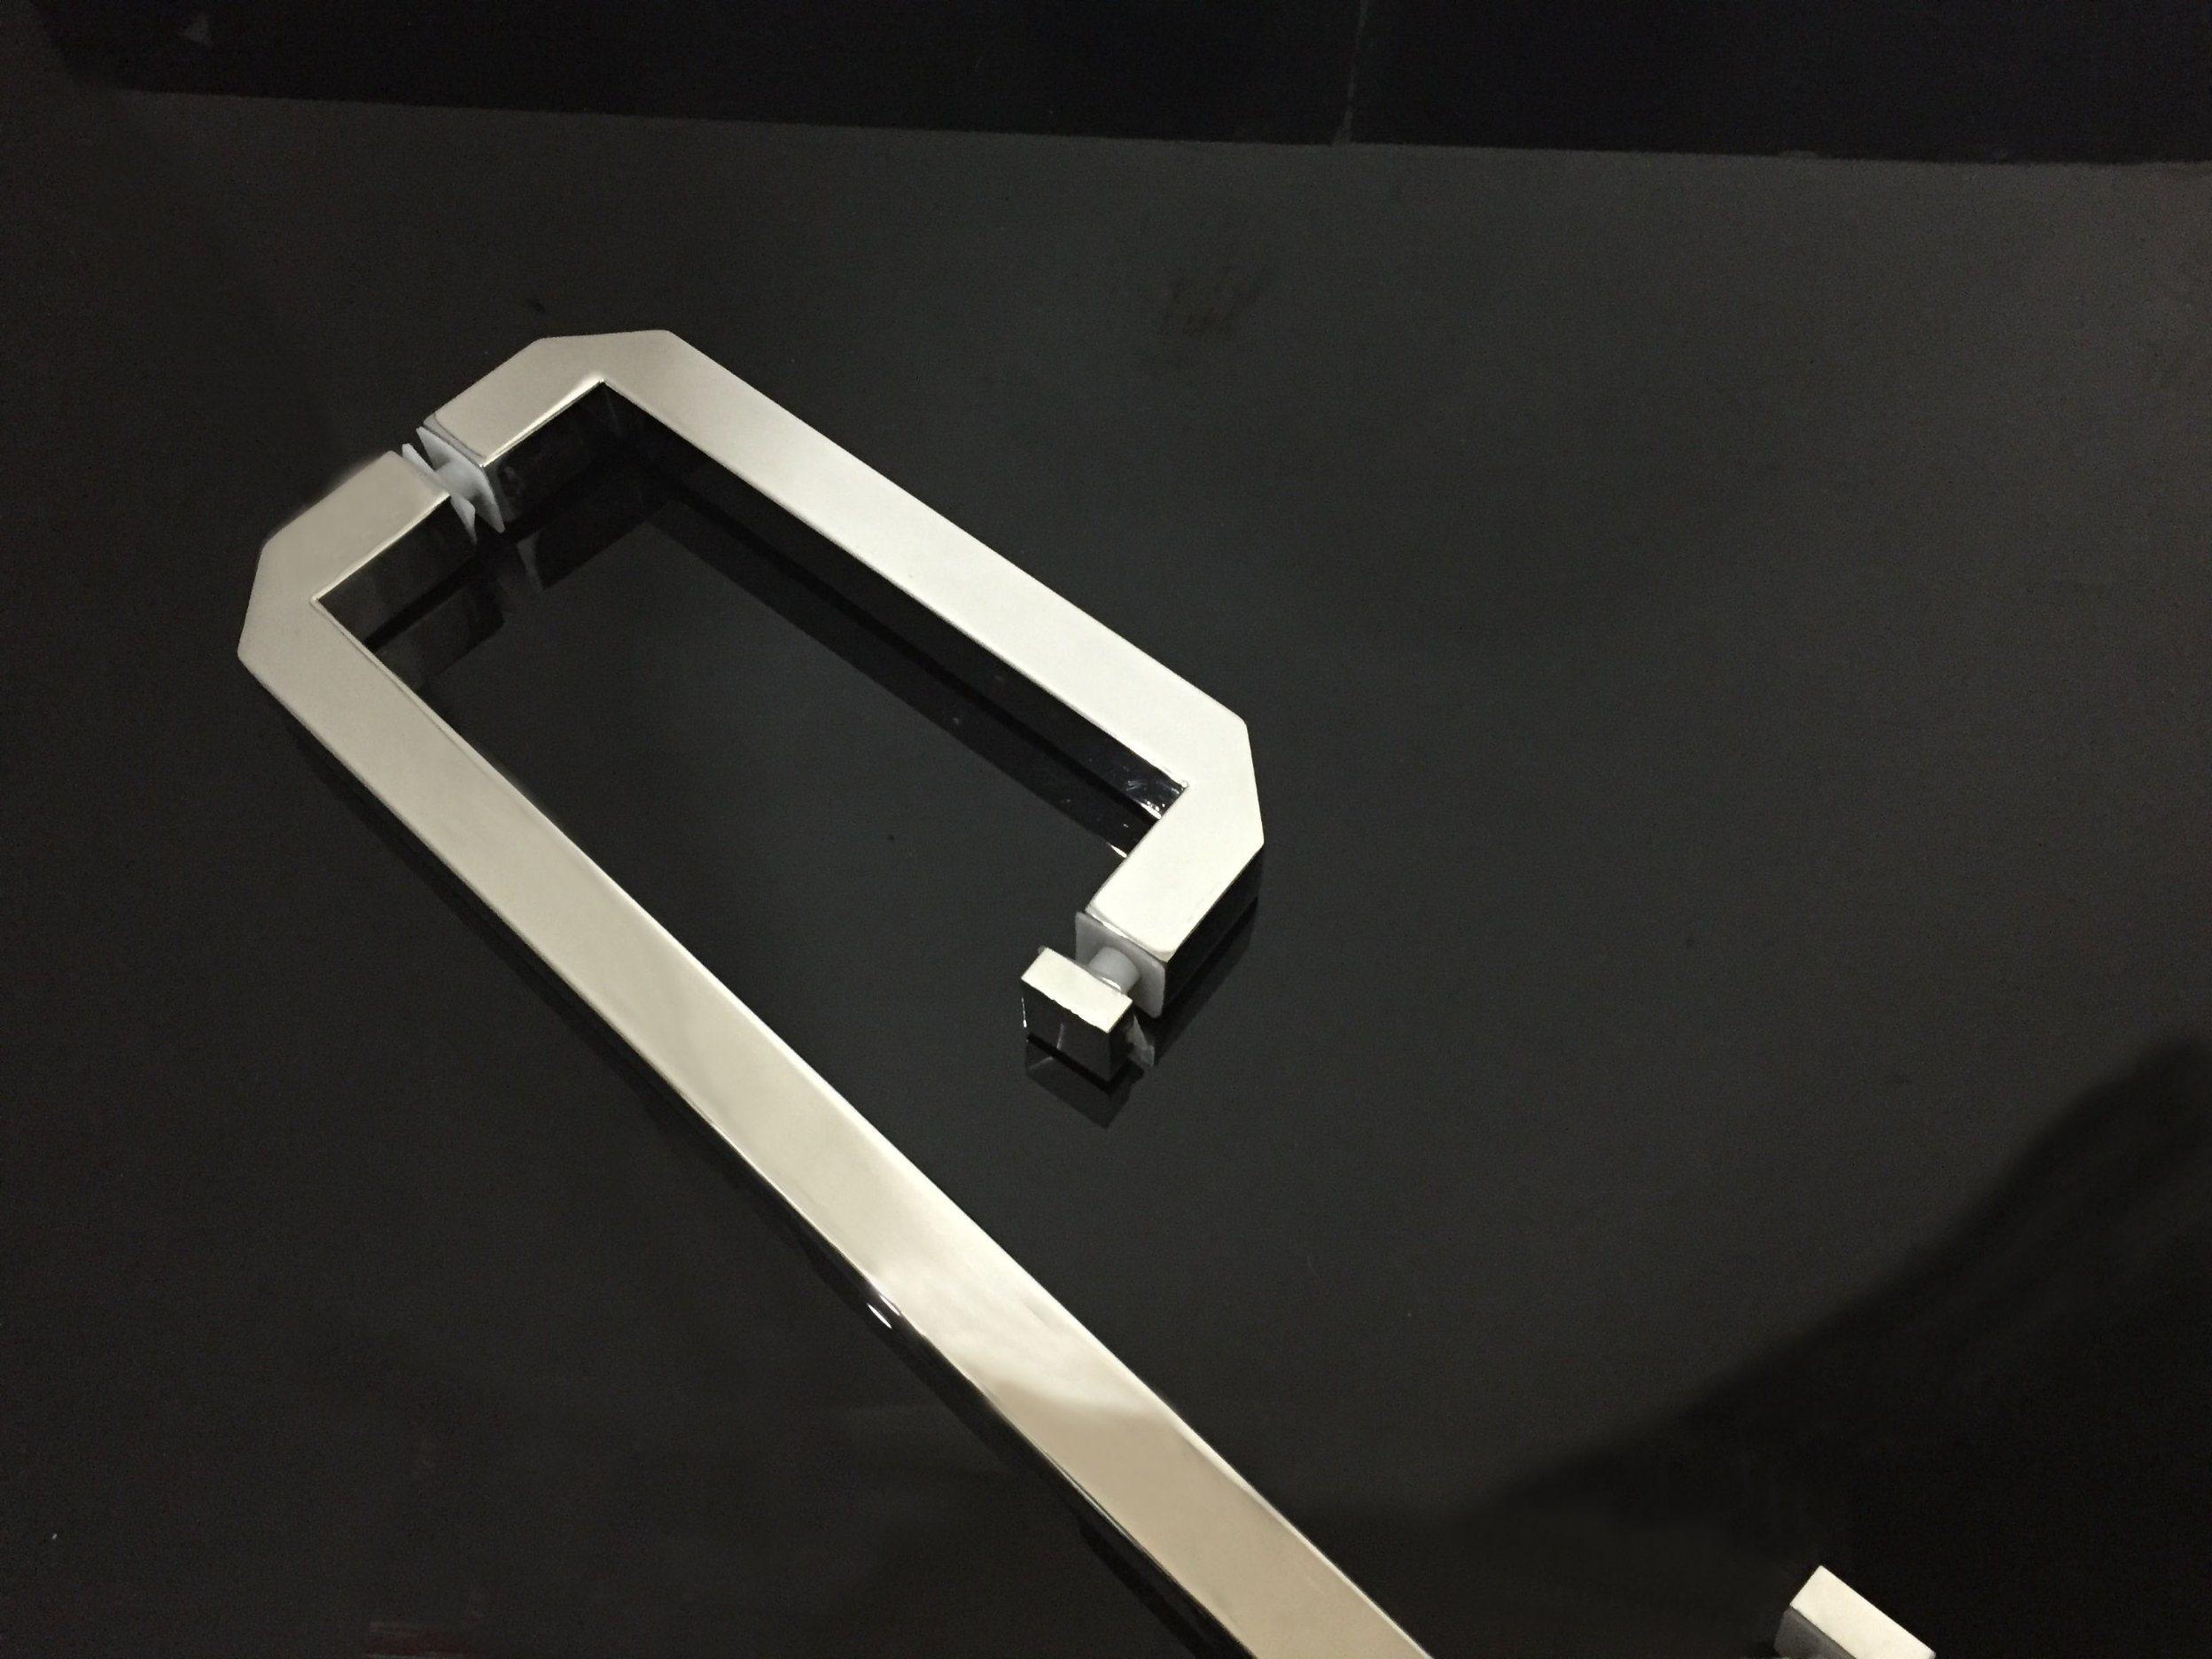 Stainless Steel Shower Door Pull Handle